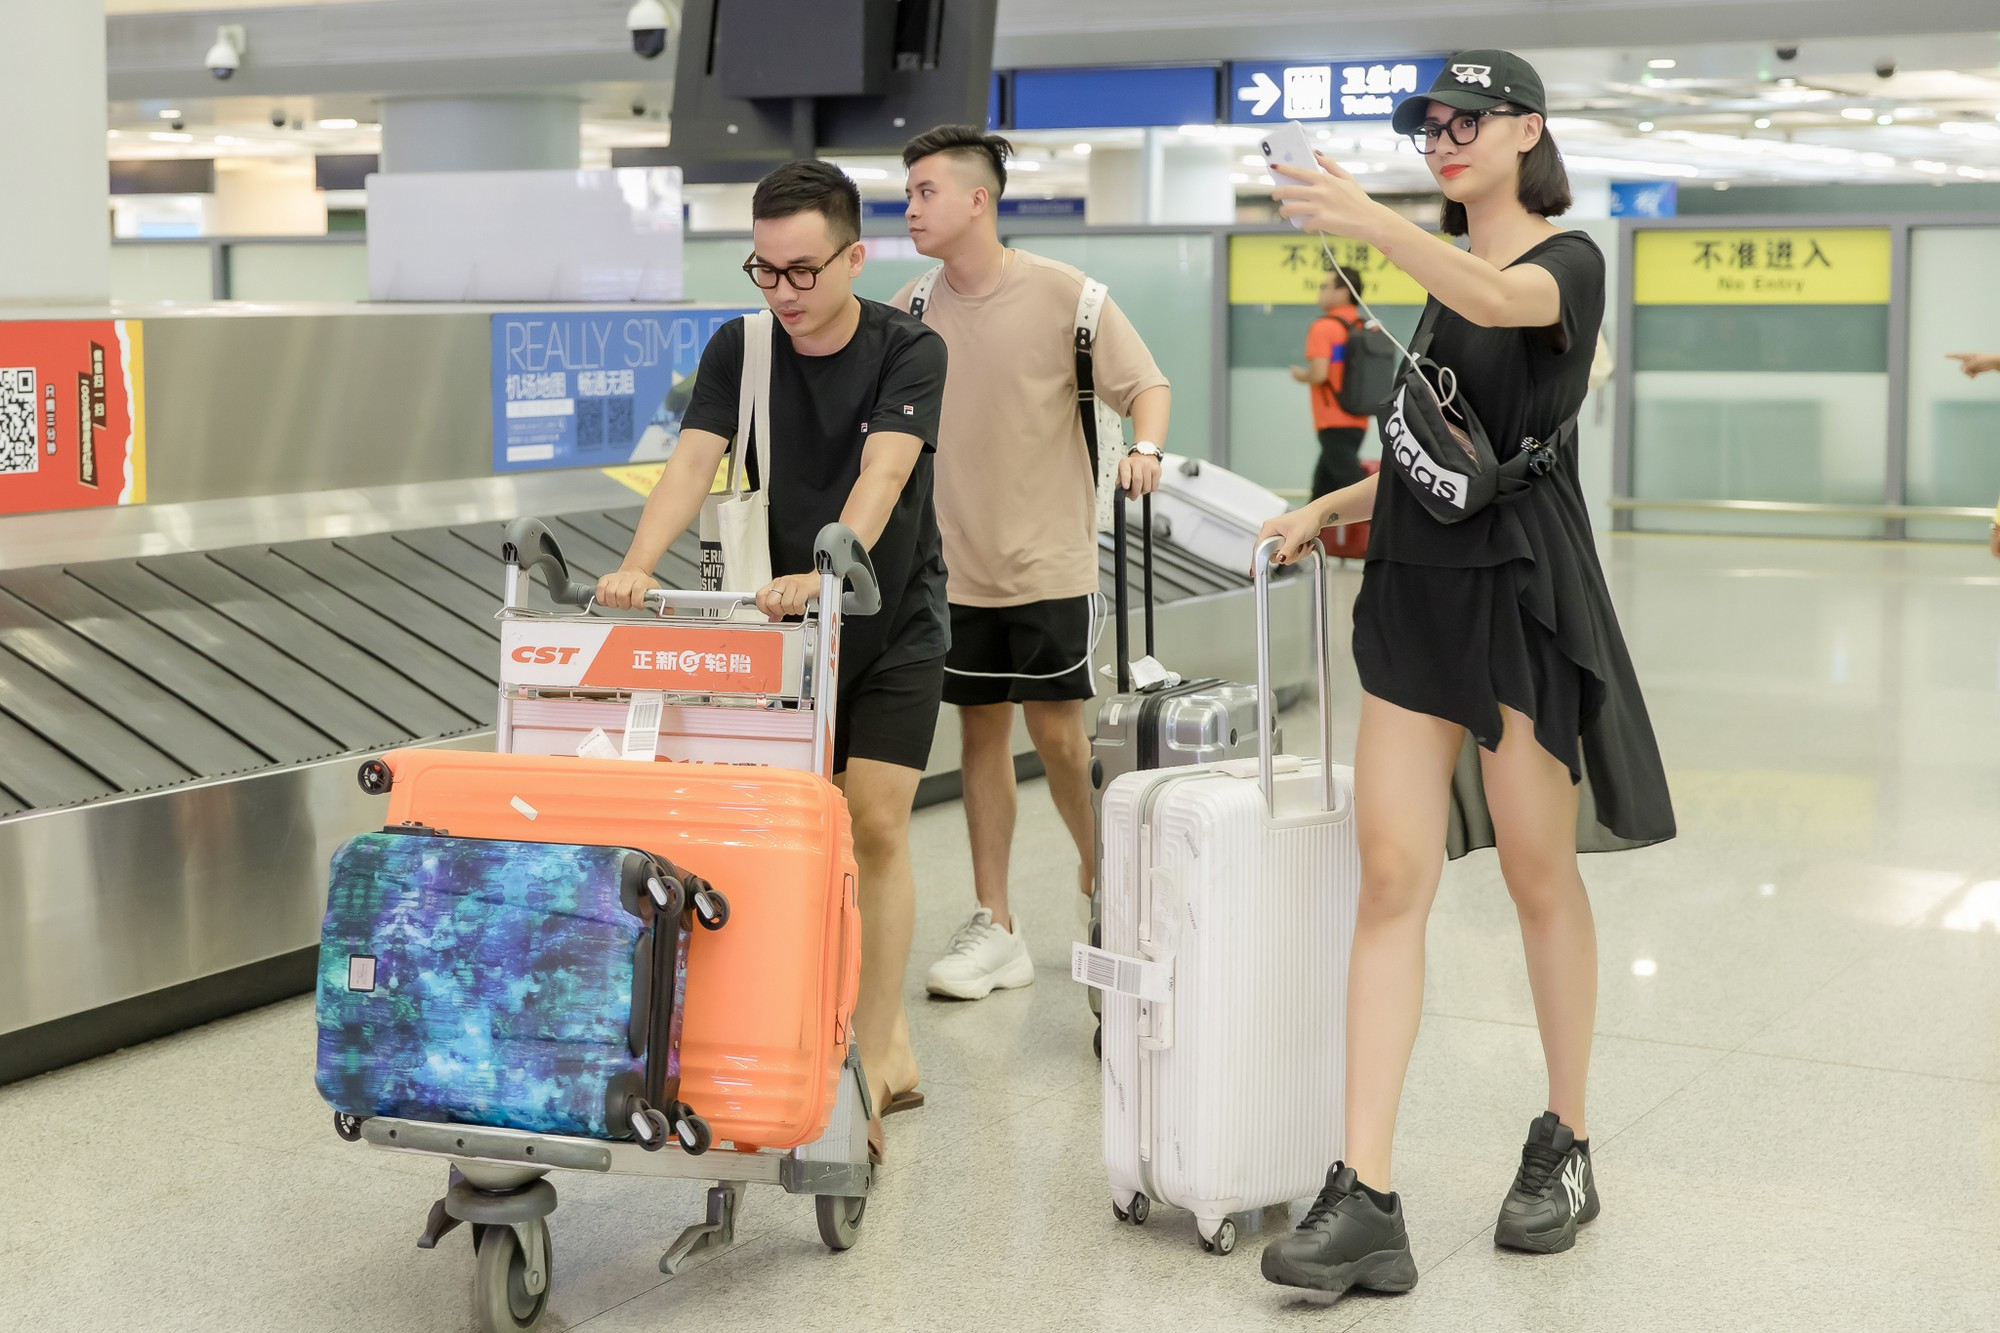 Gửi con cho ông bà để đi làm, Hồng Quế nhí nhảnh selfie cùng người đàn ông này ở sân bay - Ảnh 7.